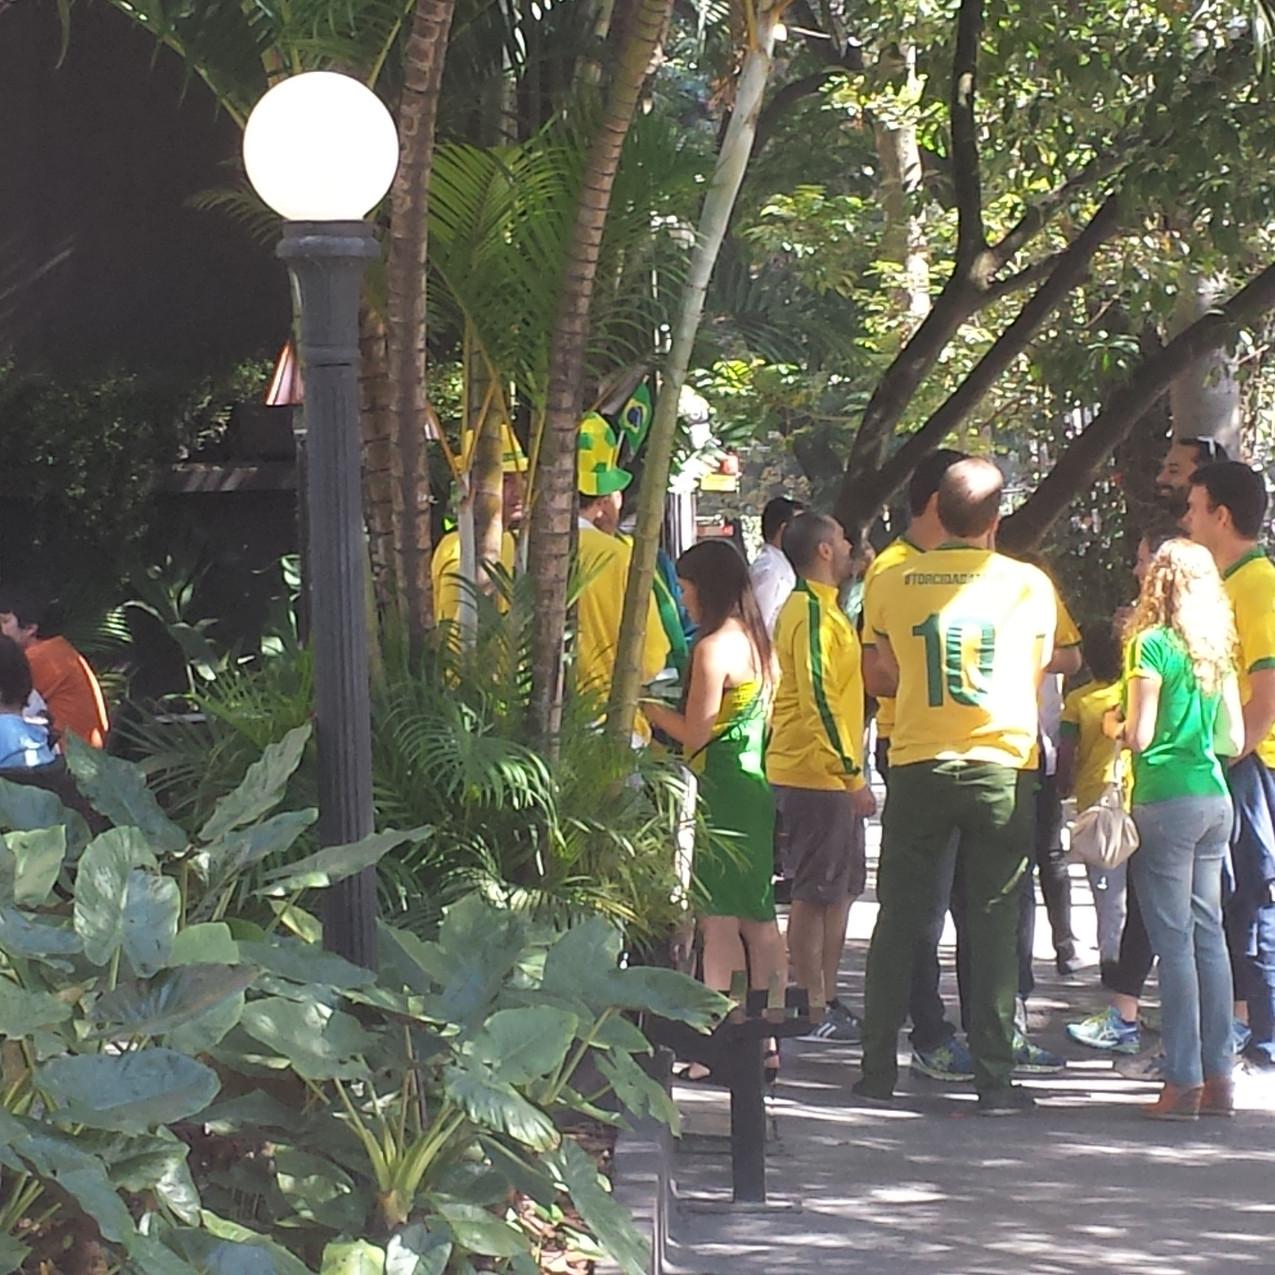 Brazilians at a bar